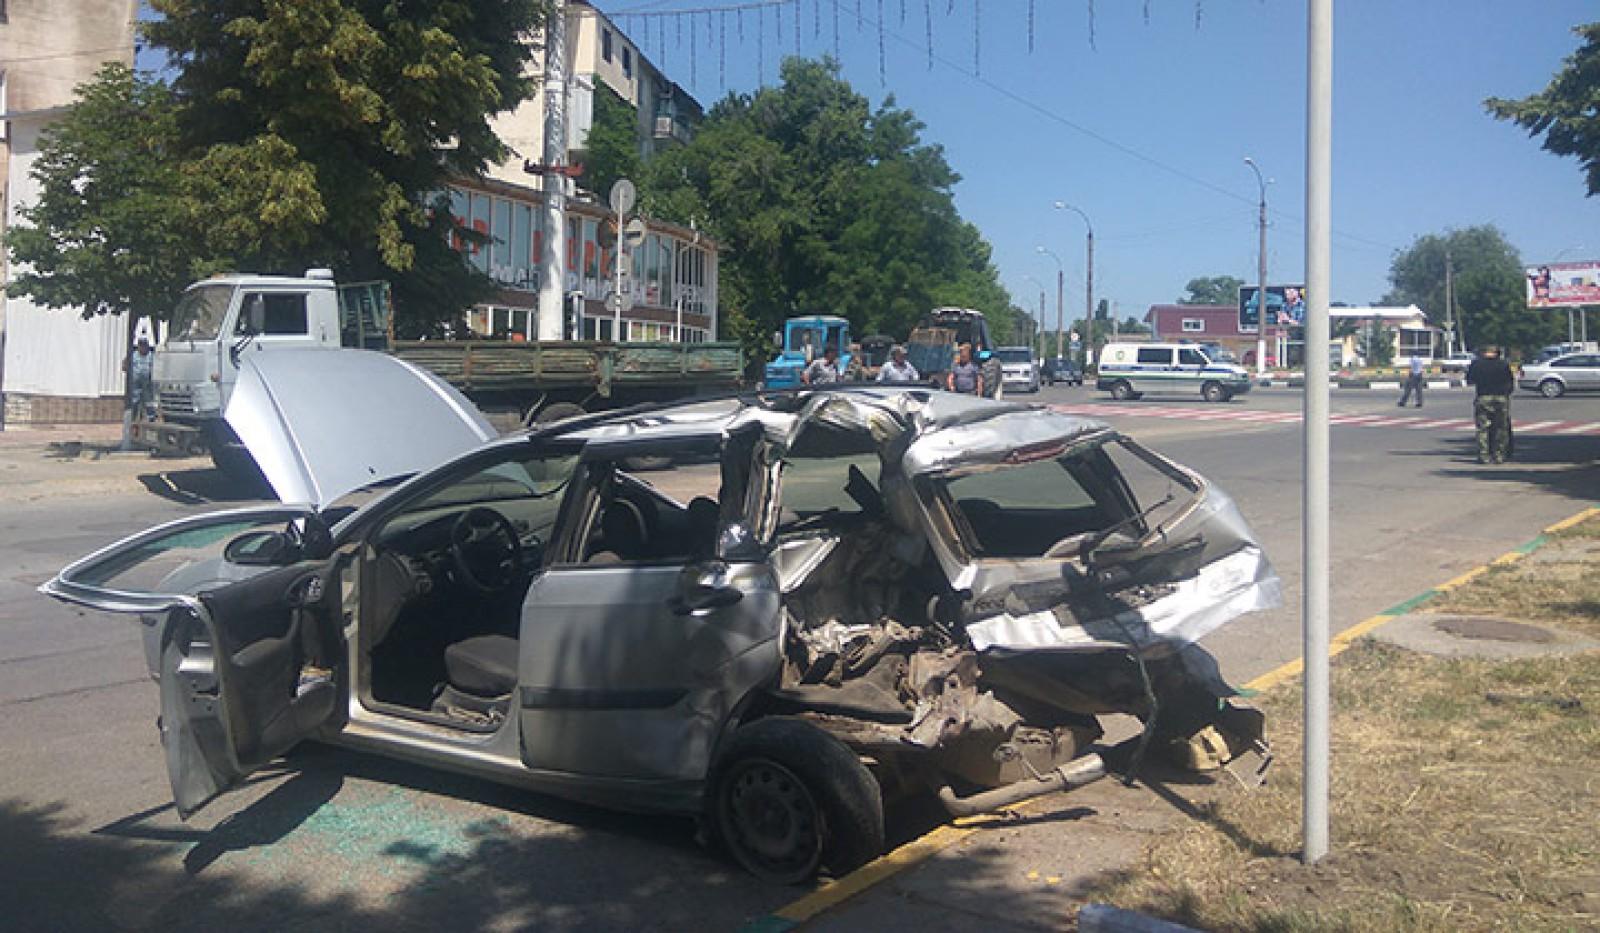 (foto) Patru dintr-o lovitură: Un ZIL a lovit mai multe mașini, după ce a rămas fără frâne